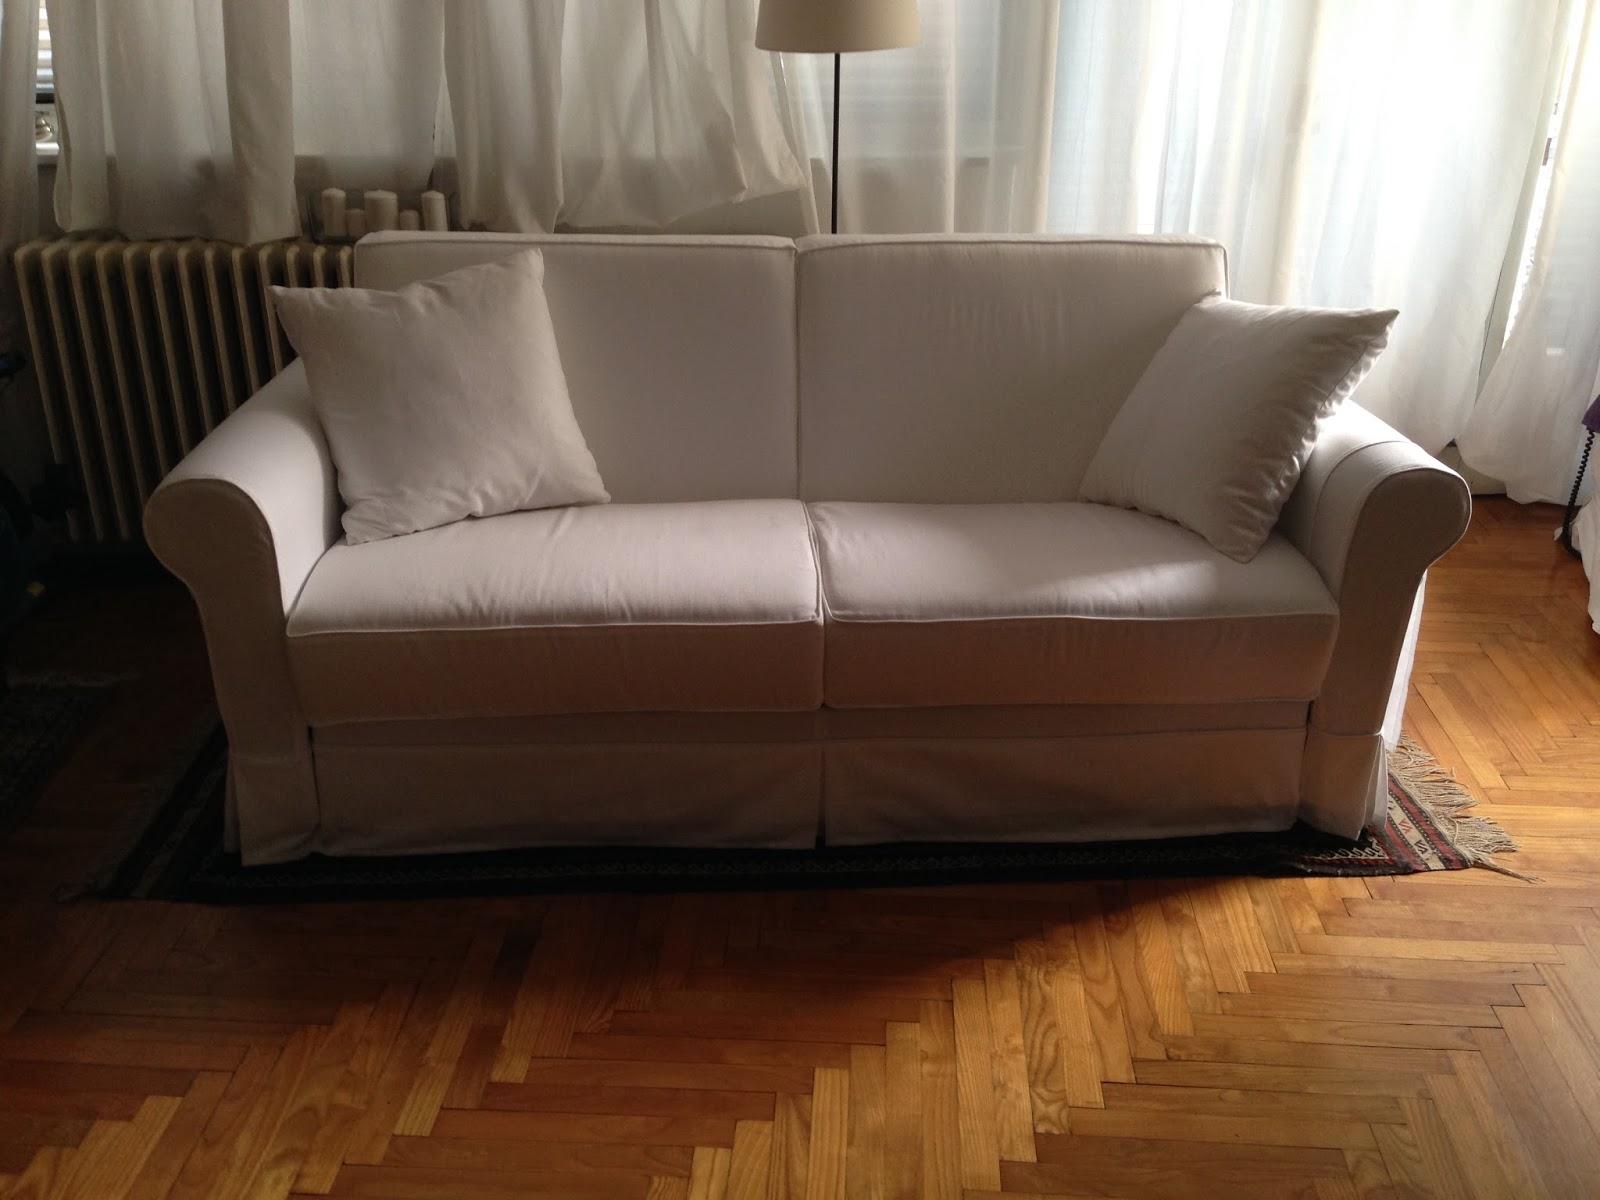 Vendita divani letto lissone monza e brianza milano divano letto elettrico di linea for Divani e divani divani letto